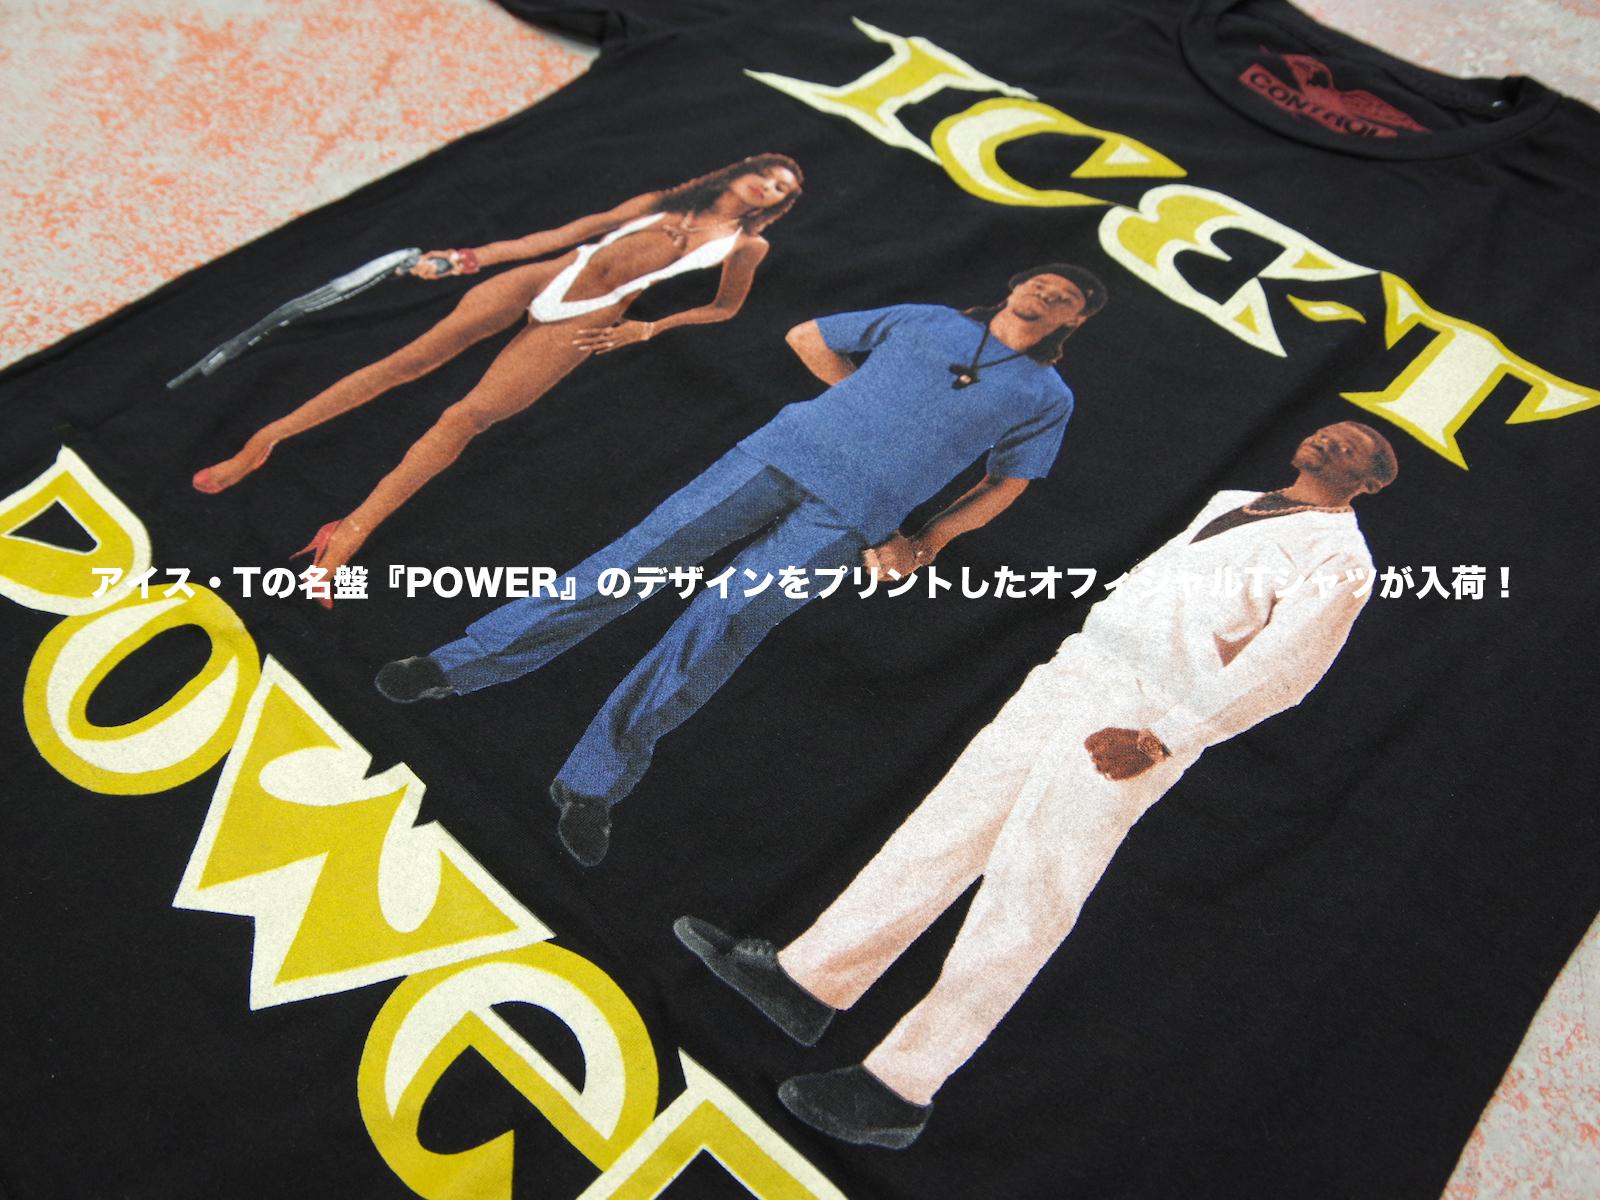 アイス・T の名盤『POWER』のデザインをプリントしたオフィシャルTシャツが入荷!